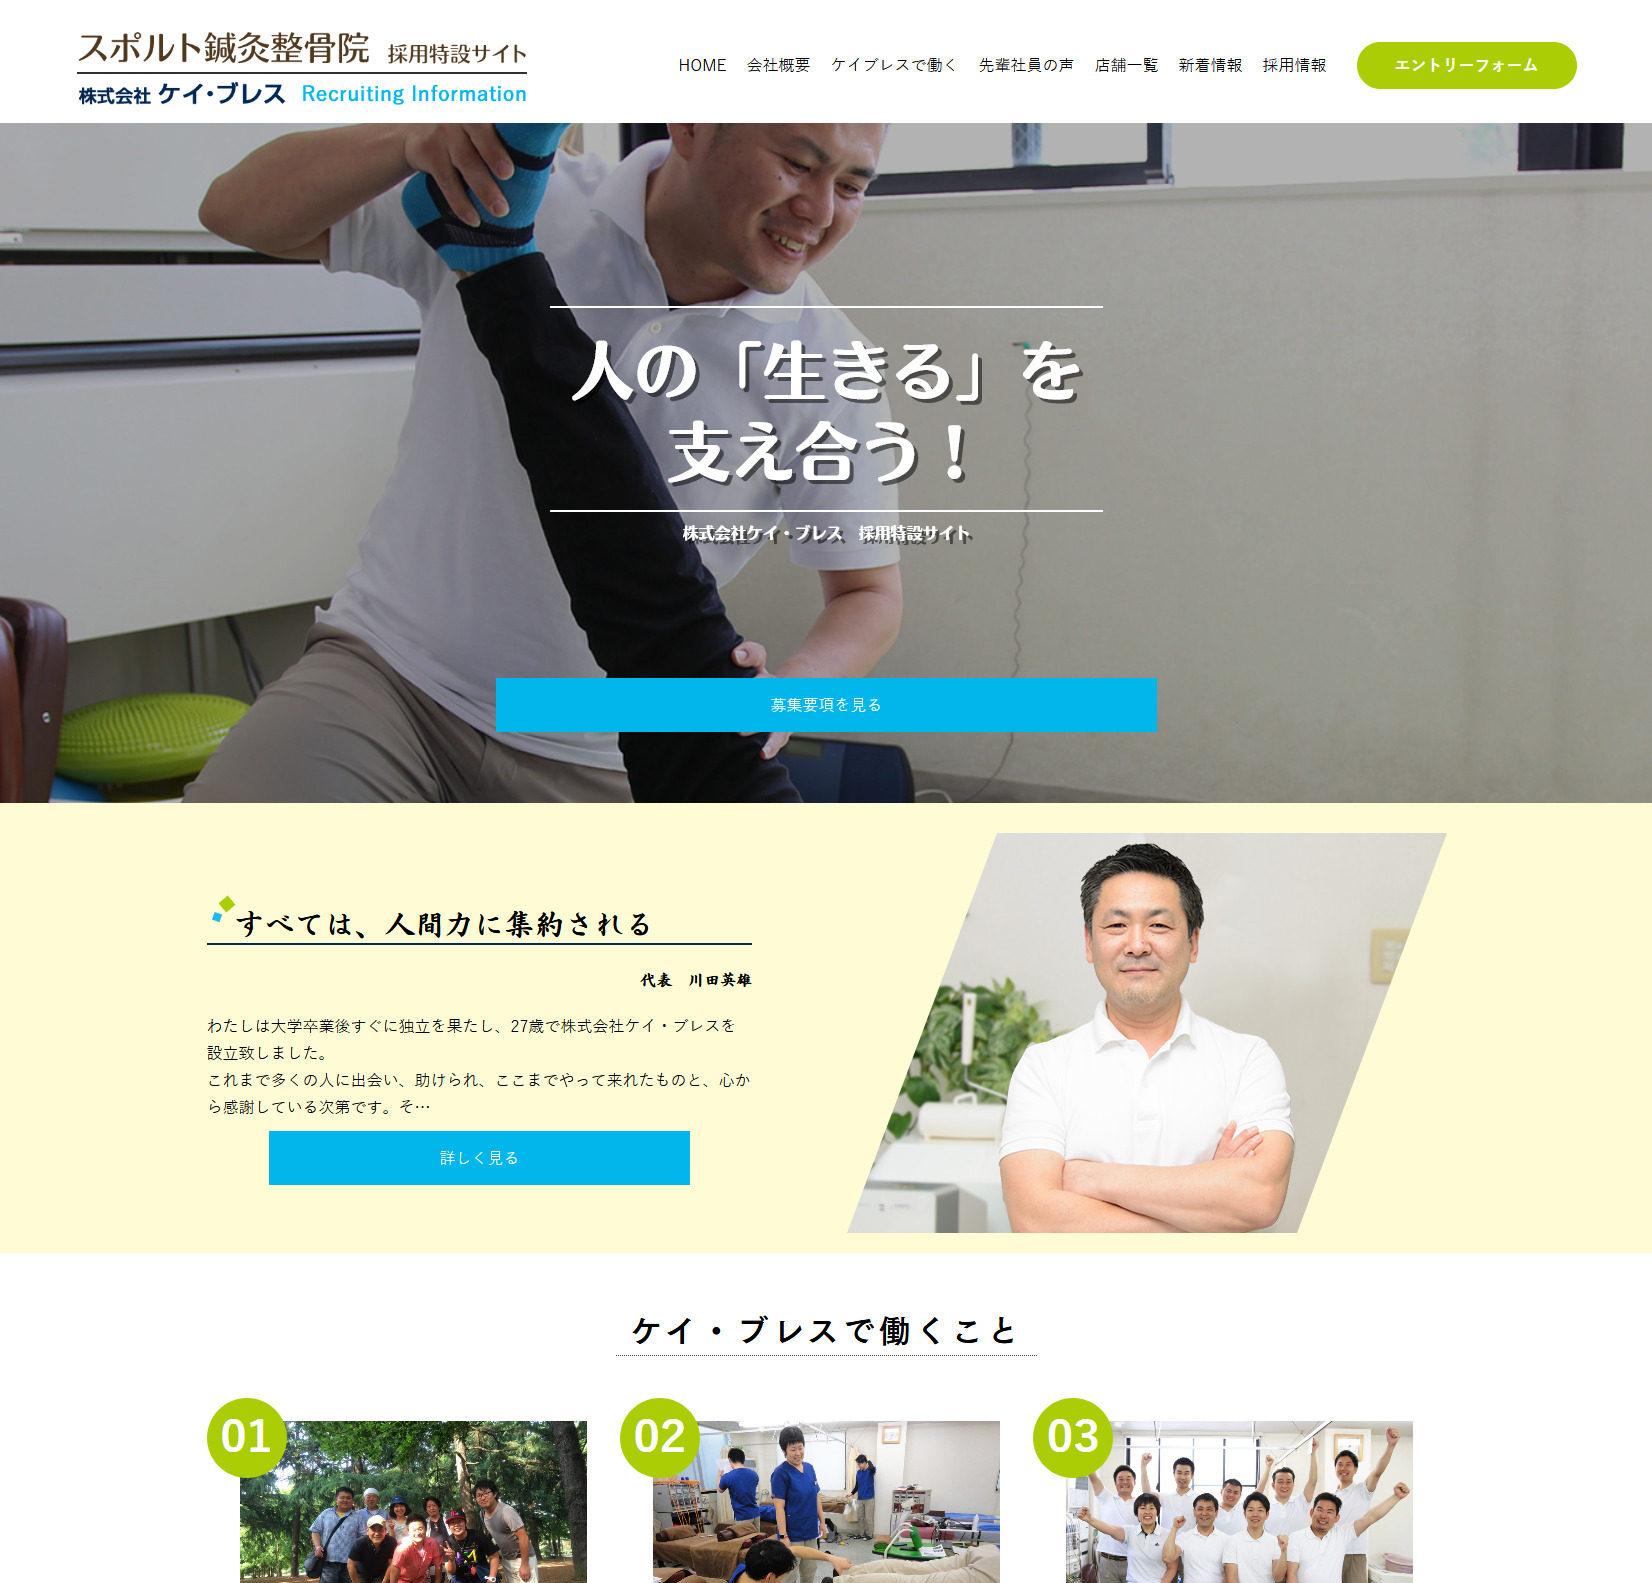 株式会社ケイブレス採用専門サイト